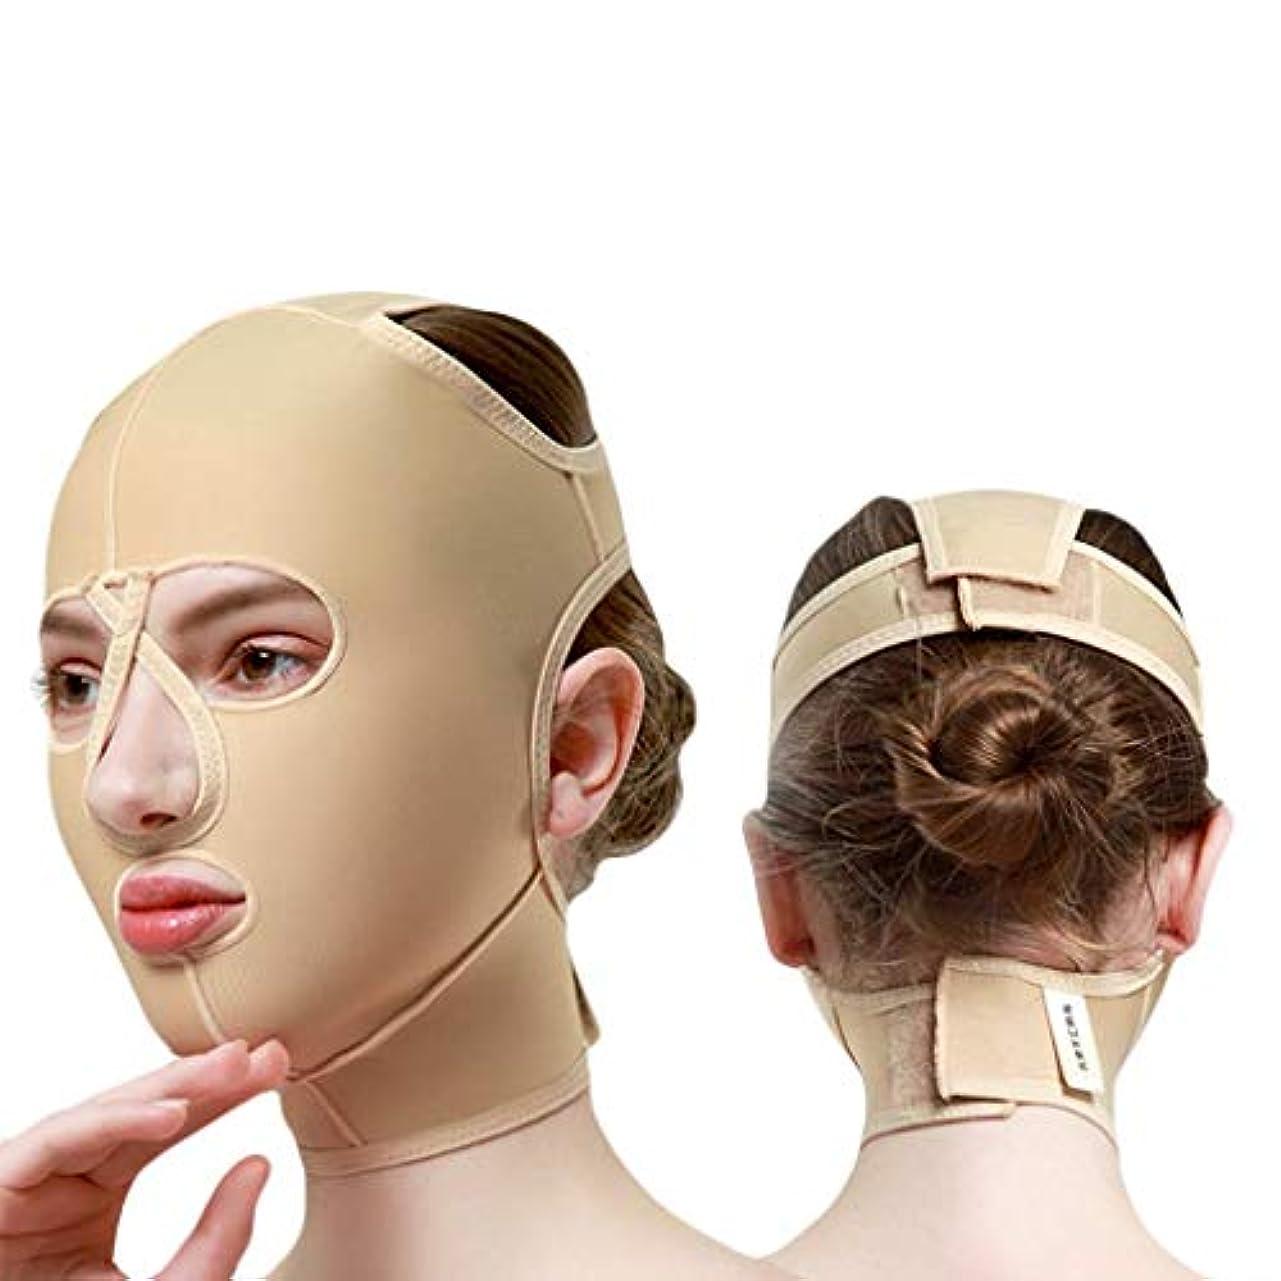 没頭するの配列容赦ないチンストラップ、顔彫りツール、リフティングマスク、ダブルチンリデューサー、フェイスリフティングエラスティックマスクメス(サイズ:M),M